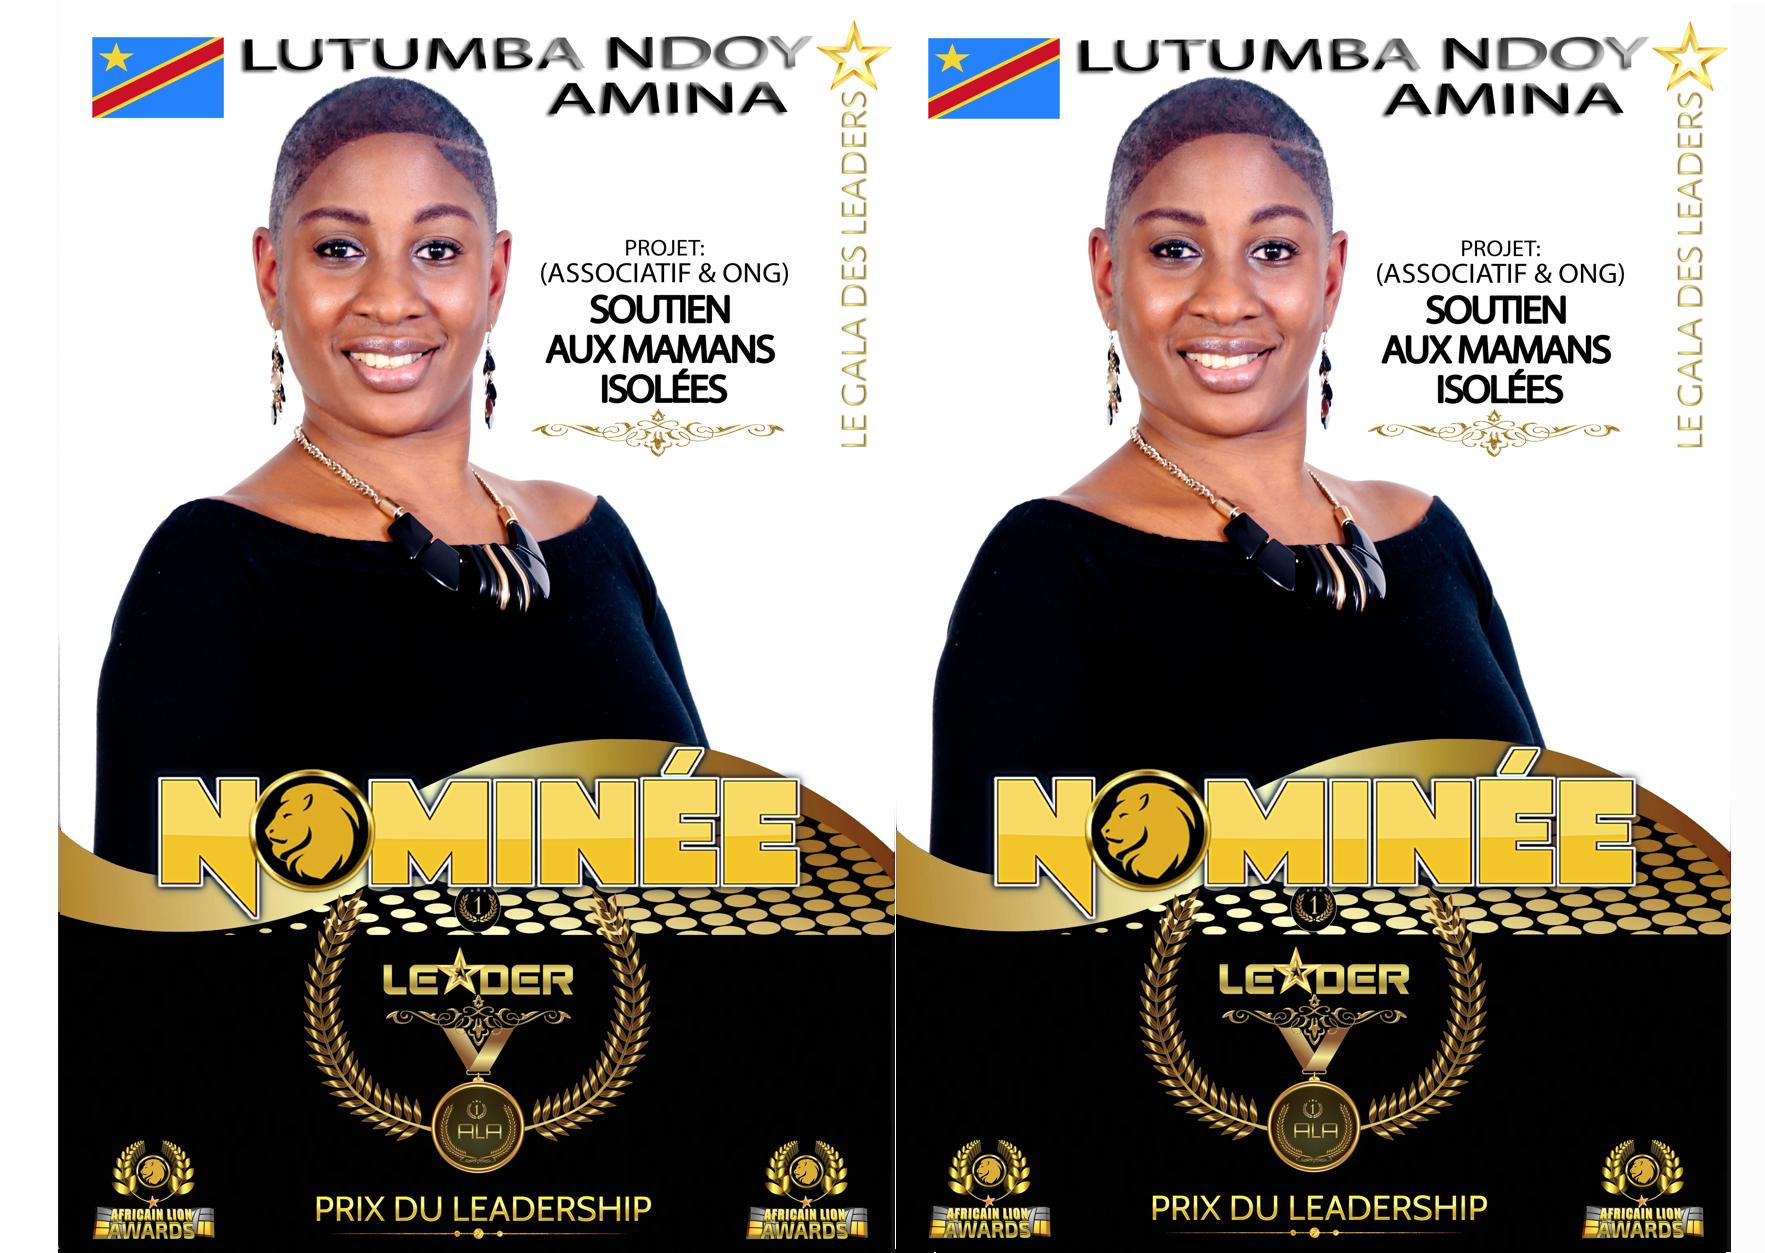 #ALA2019 | Nominée : Amina LUTUMBA NDOY | Projet : Soutien aux mamans isolées | Prix du leadership | Catégorie : Associatif et ONG